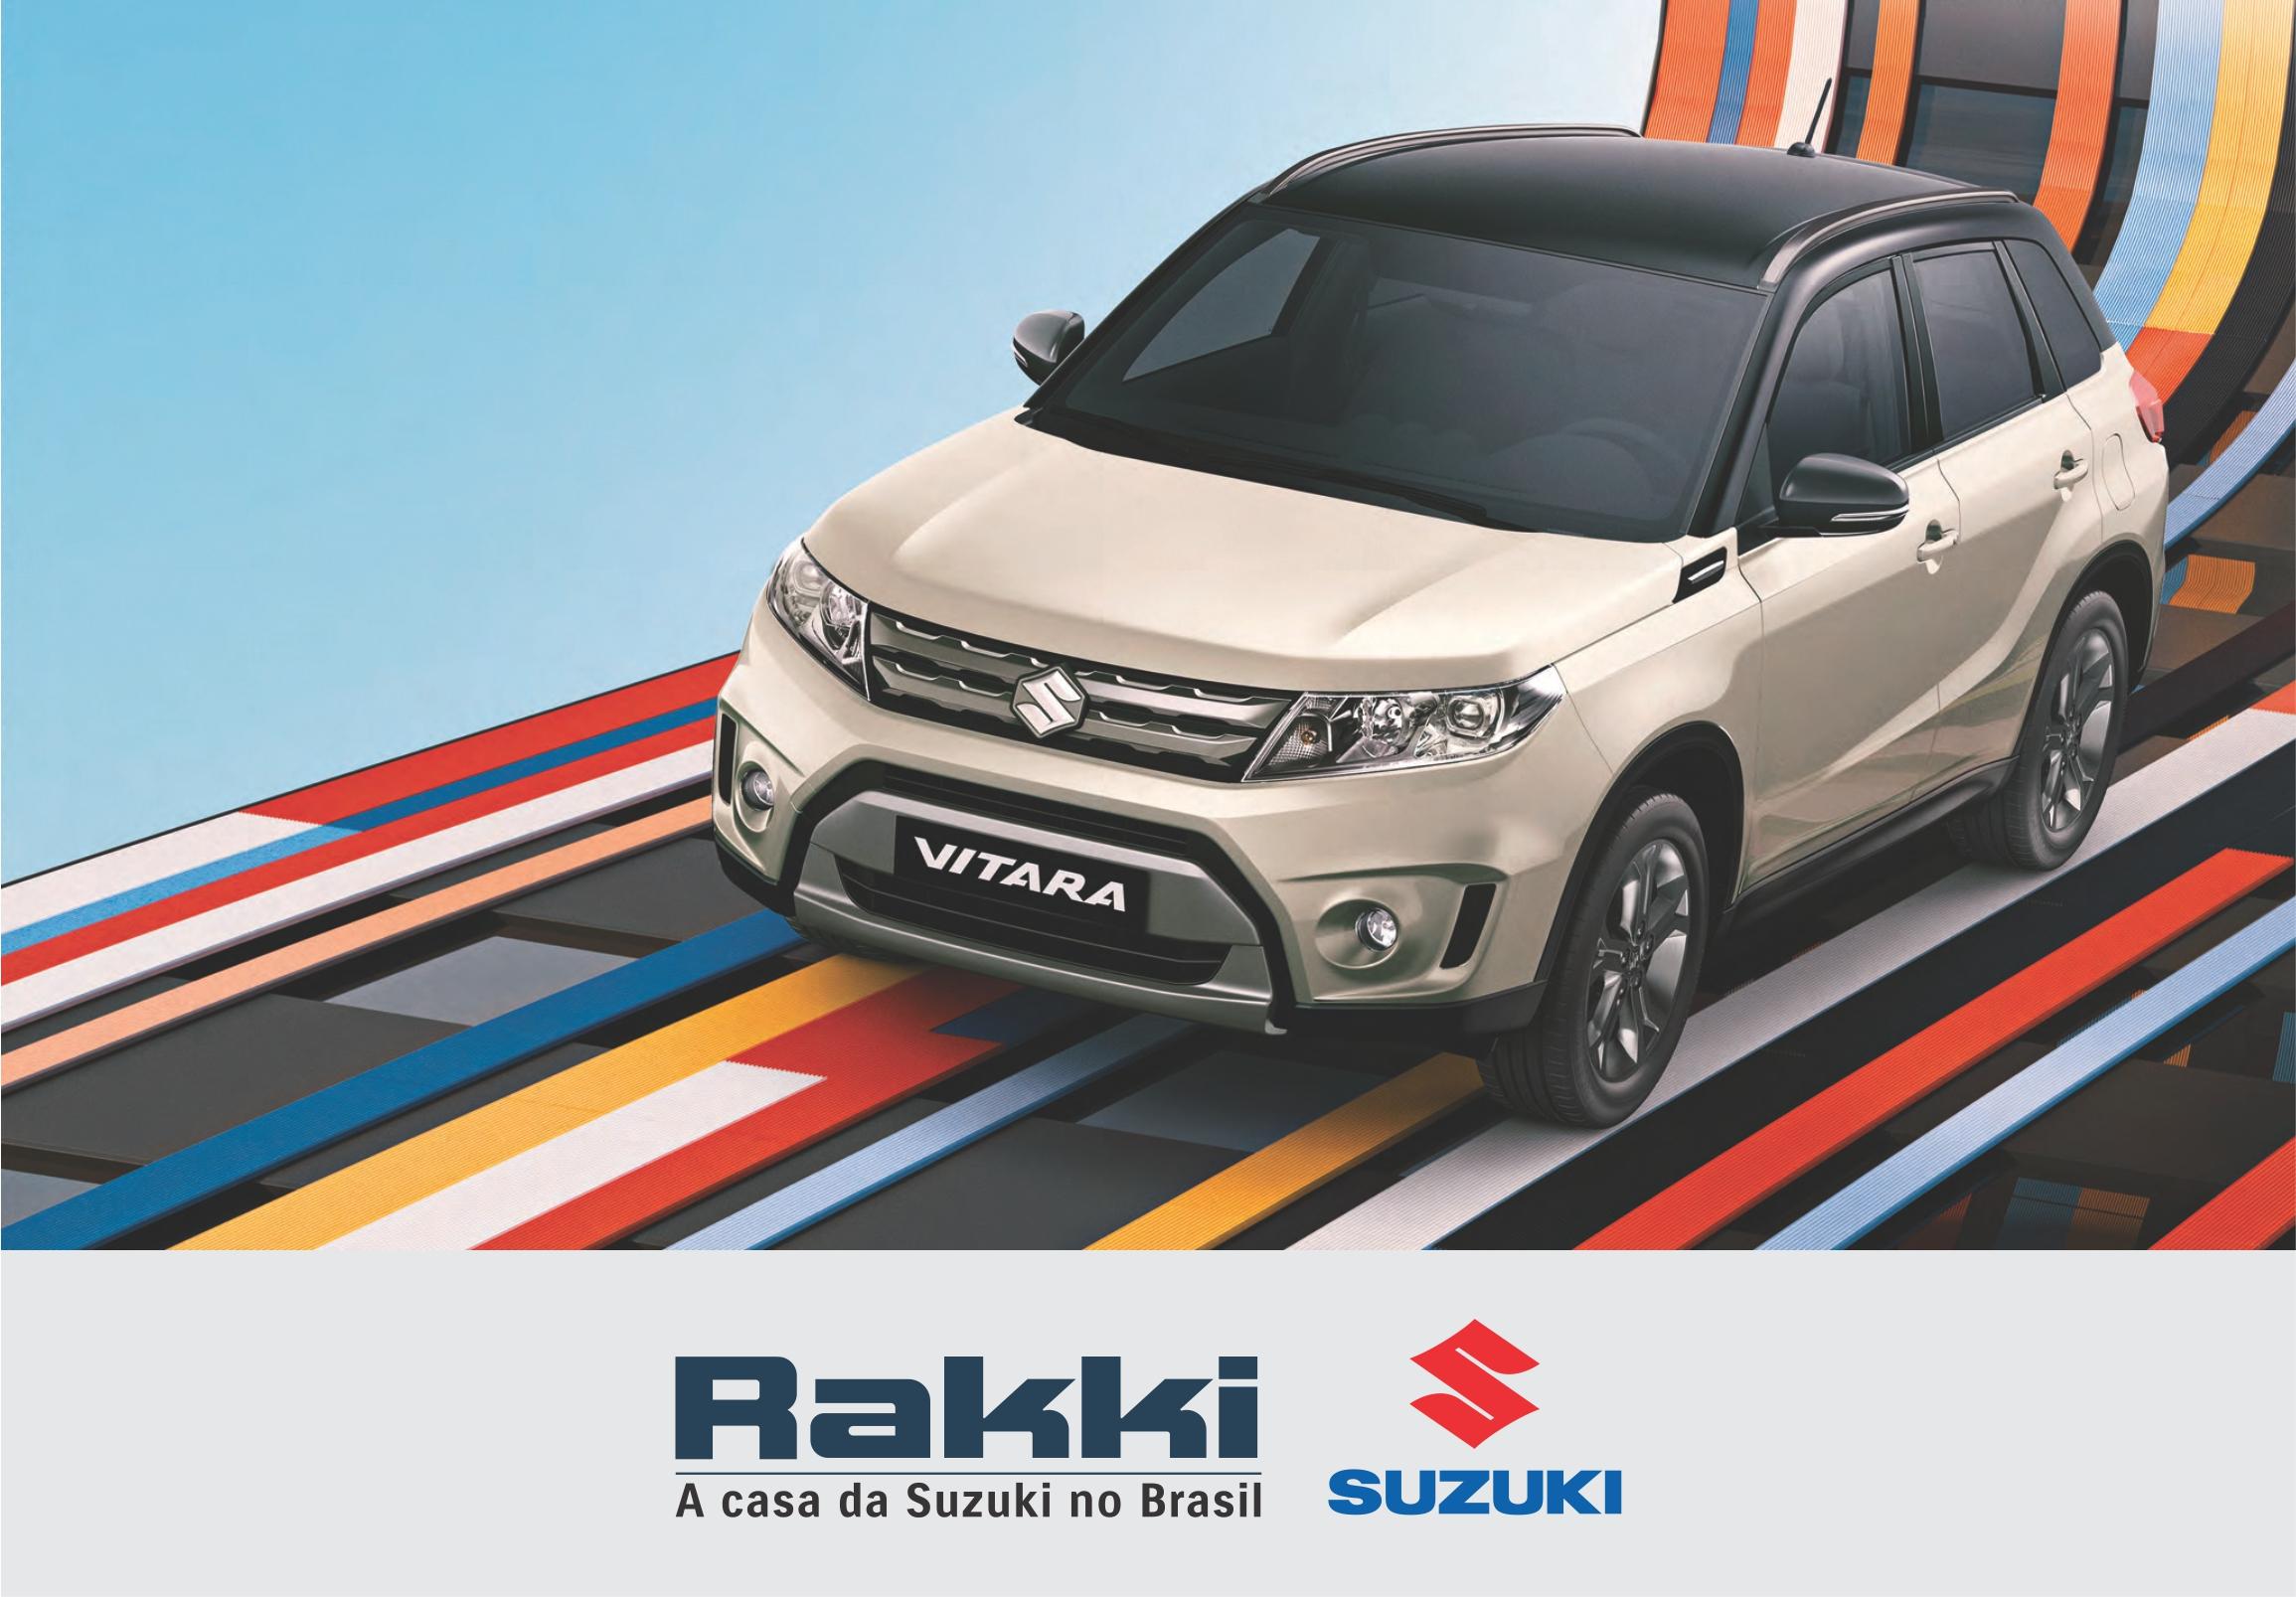 Cliente - Rakki Suzuki